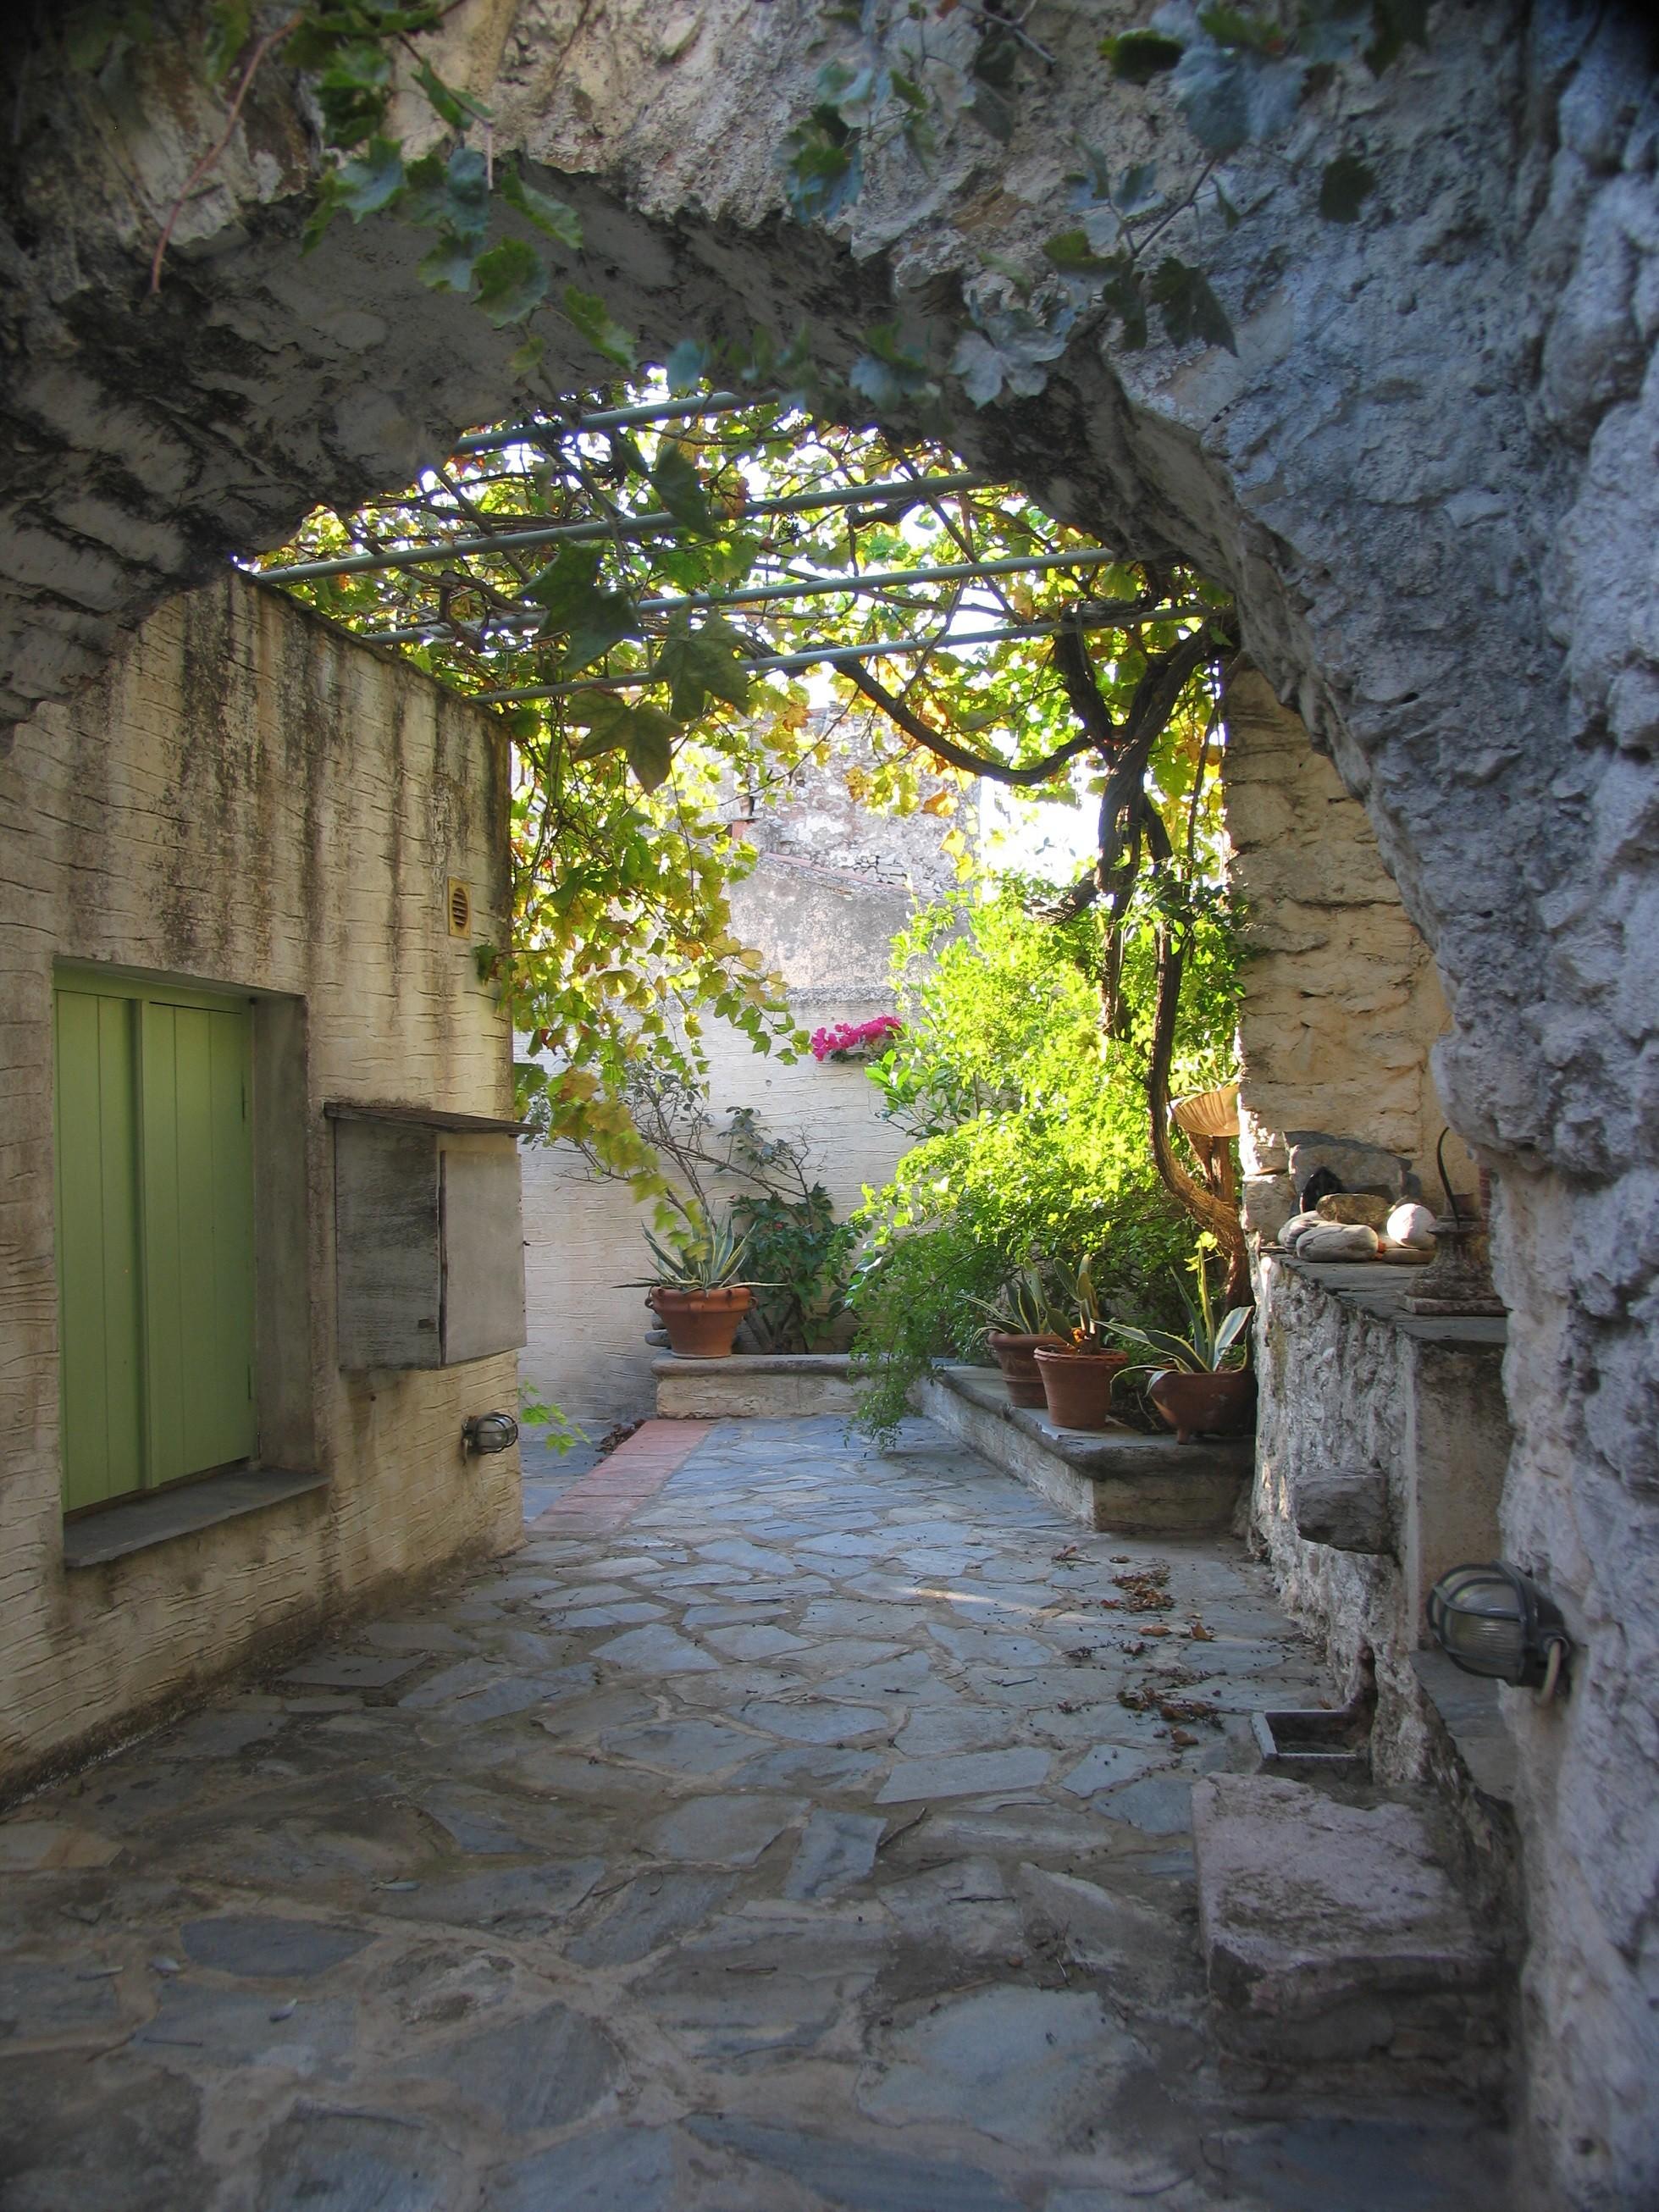 Casa, Kythira - Ref GR-4946